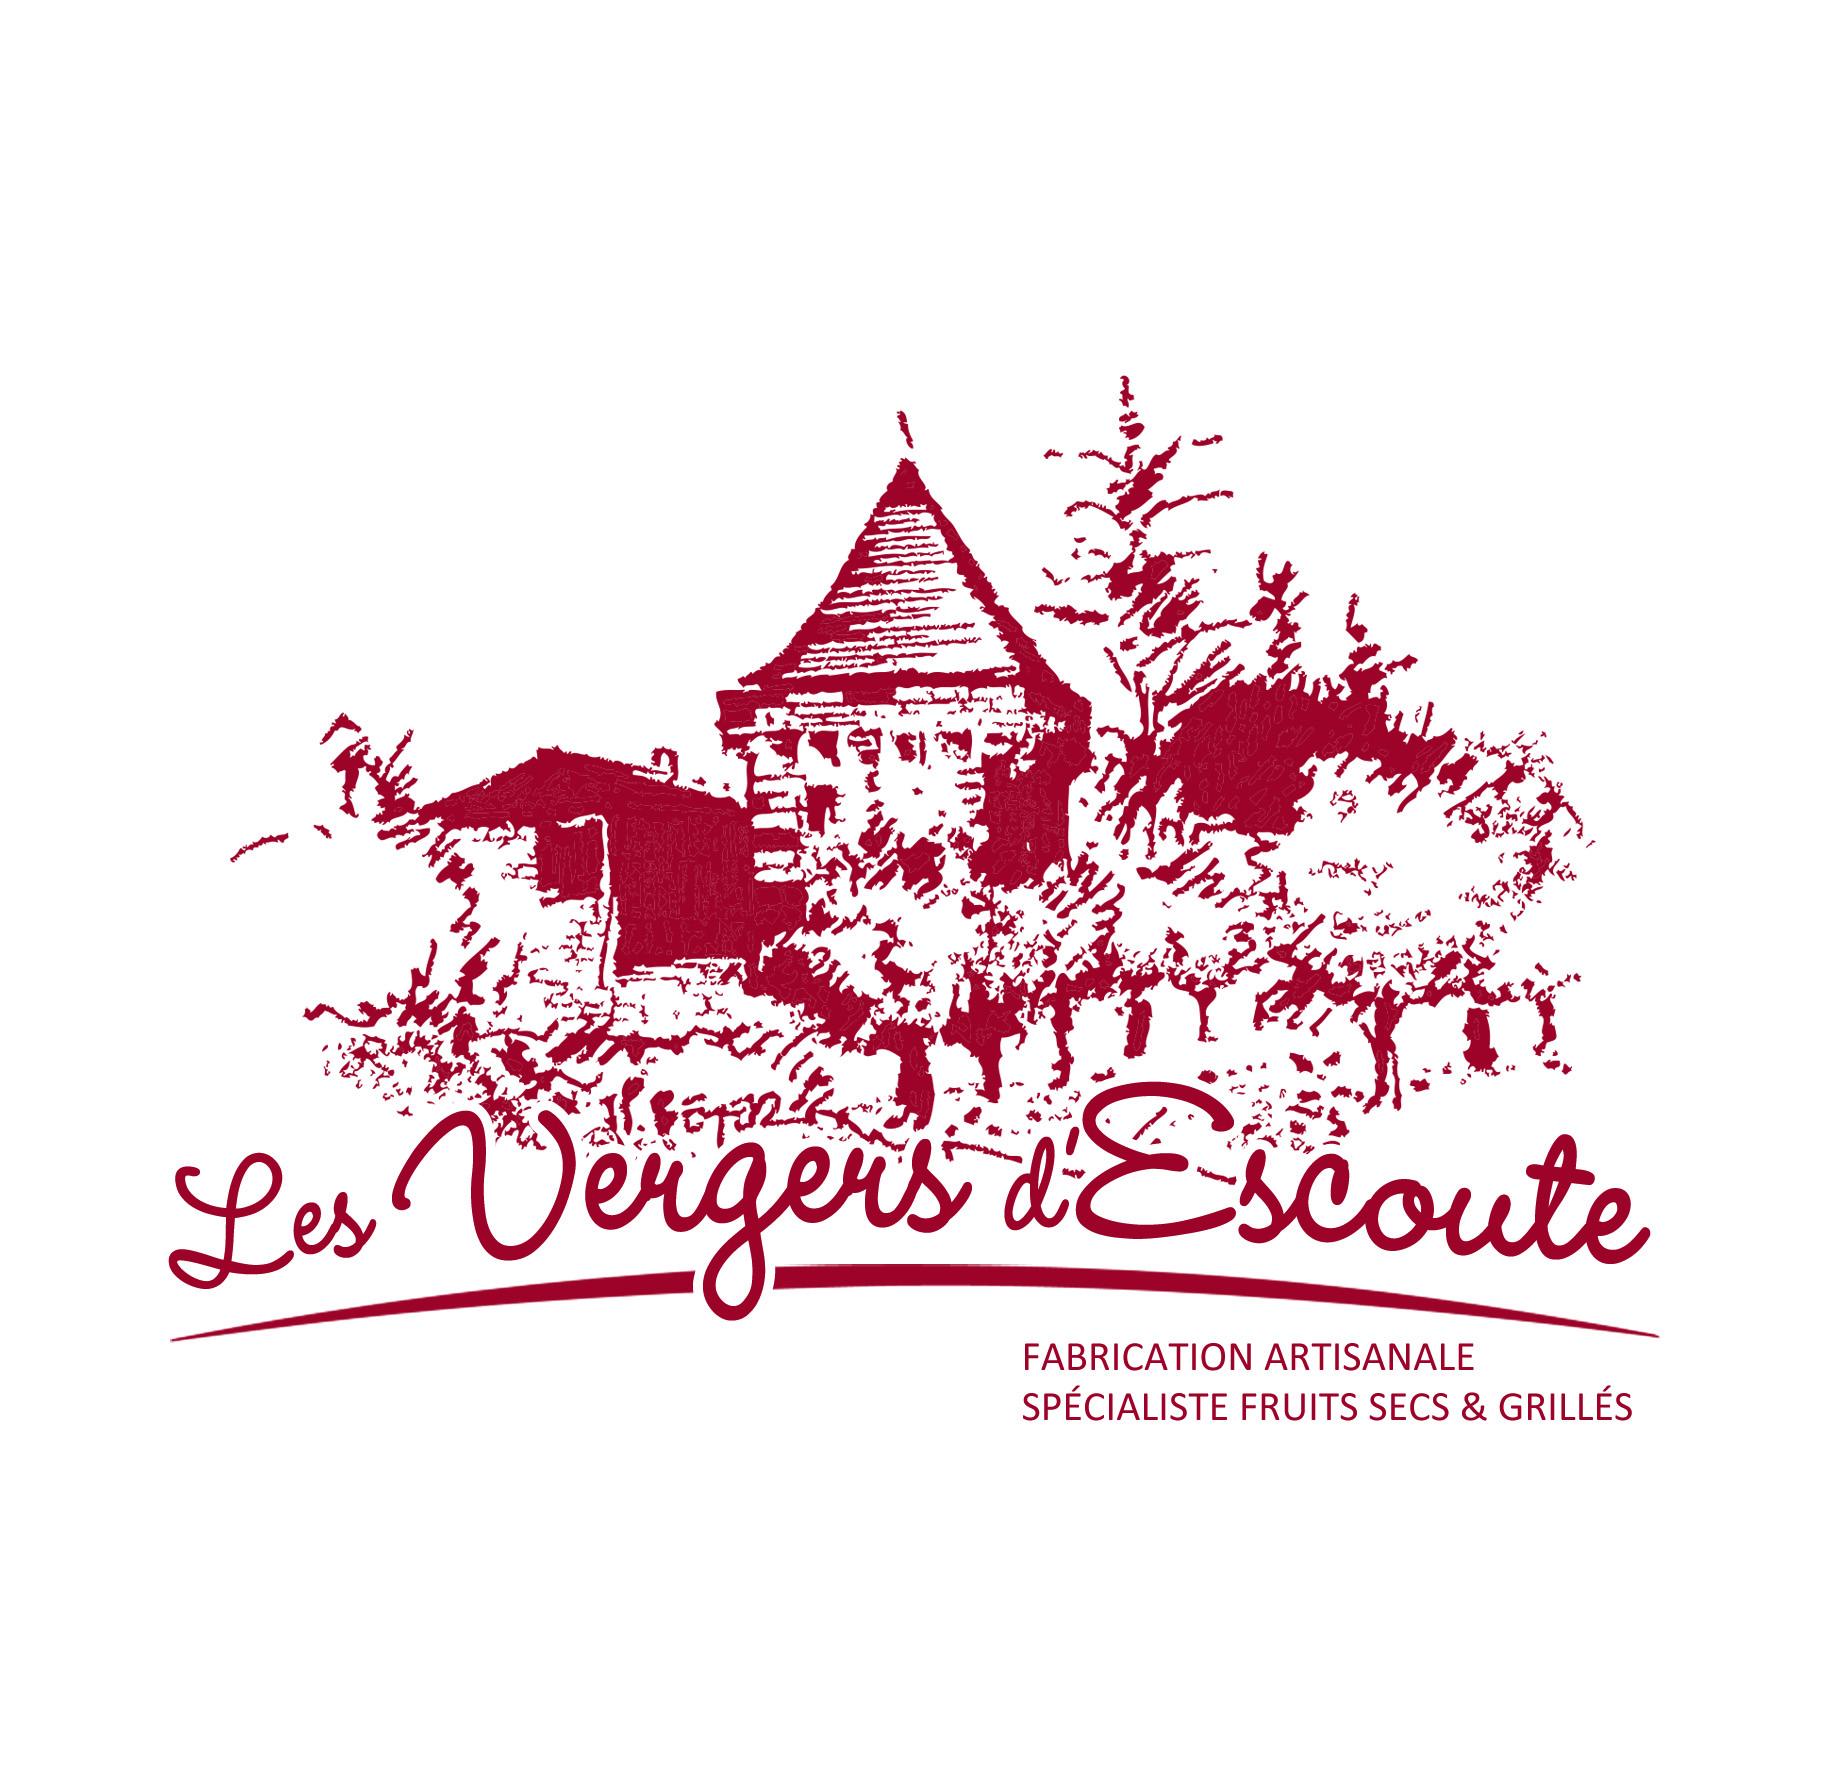 Adhérent LES VERGERS D'ESCOUTE - photo #10982